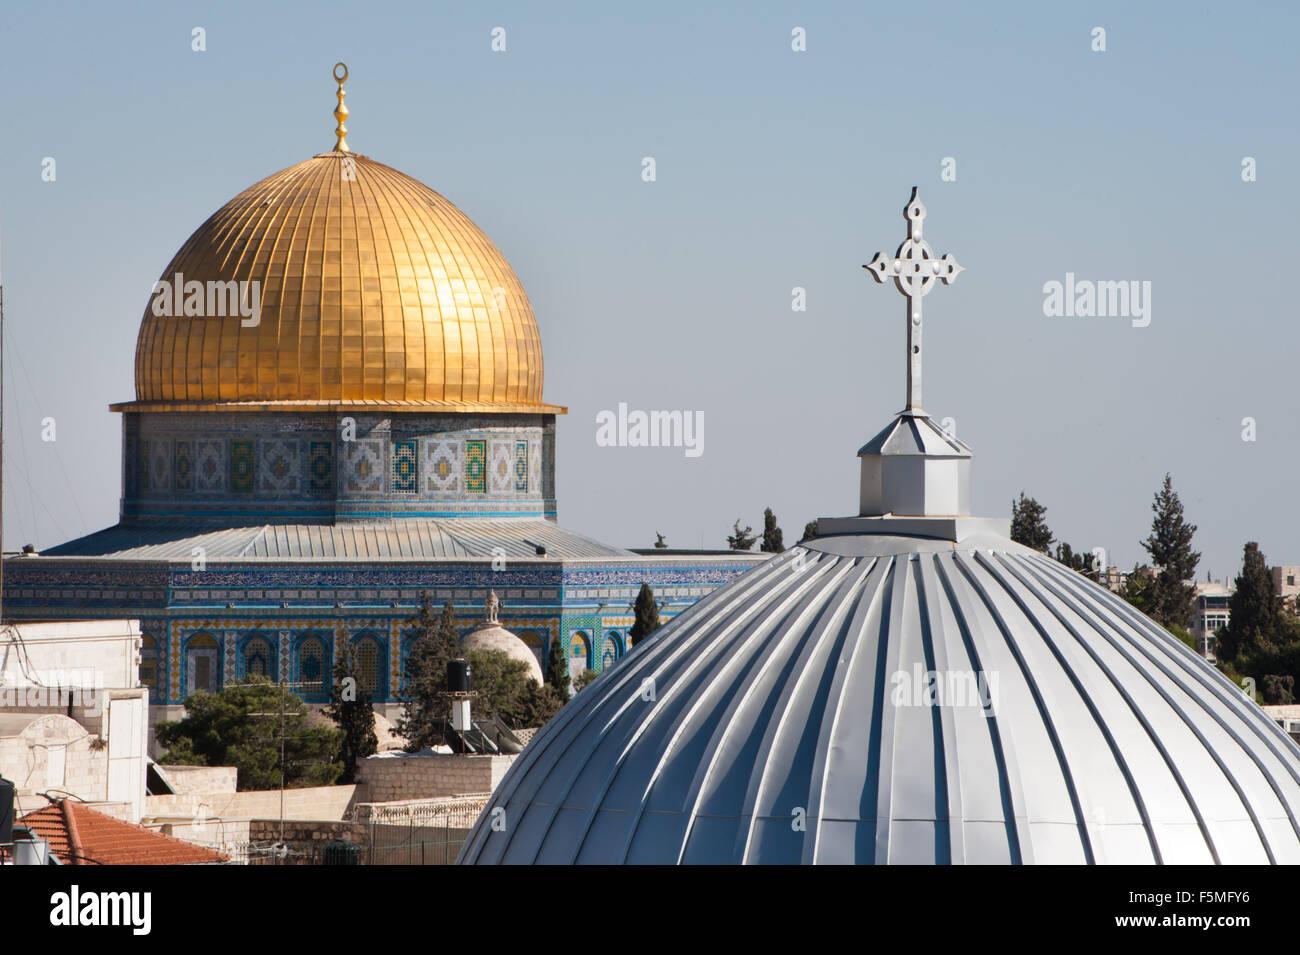 Notre Dame de l'Eglise Arménienne Catholique Spasm et le Dôme du rocher dans la vieille ville de Jérusalem. Photo Stock